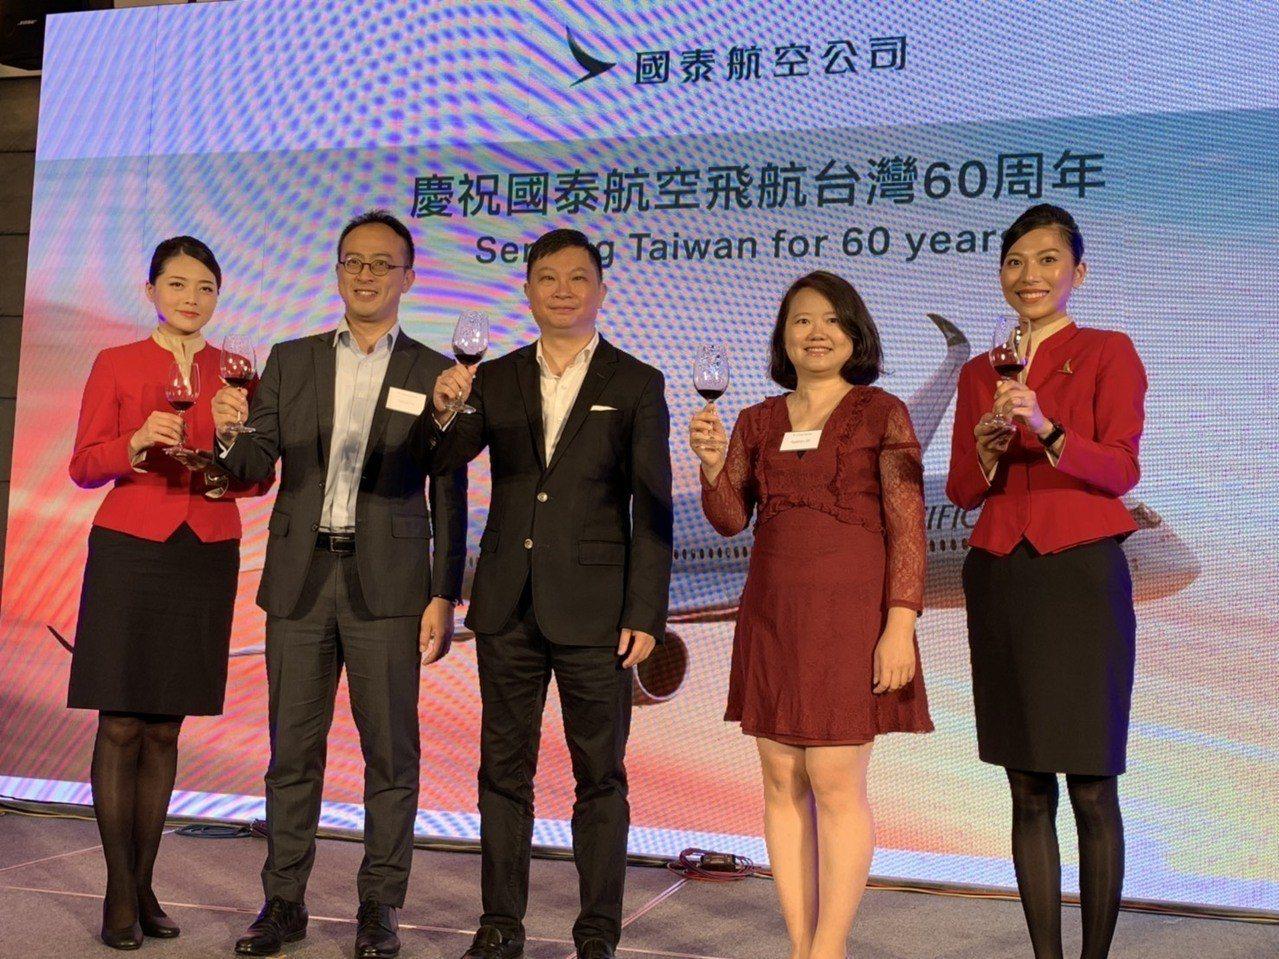 飛航台灣最大的外籍航空公司-國泰航空,今年7月3日飛航台灣將屆滿60周年(一甲子...